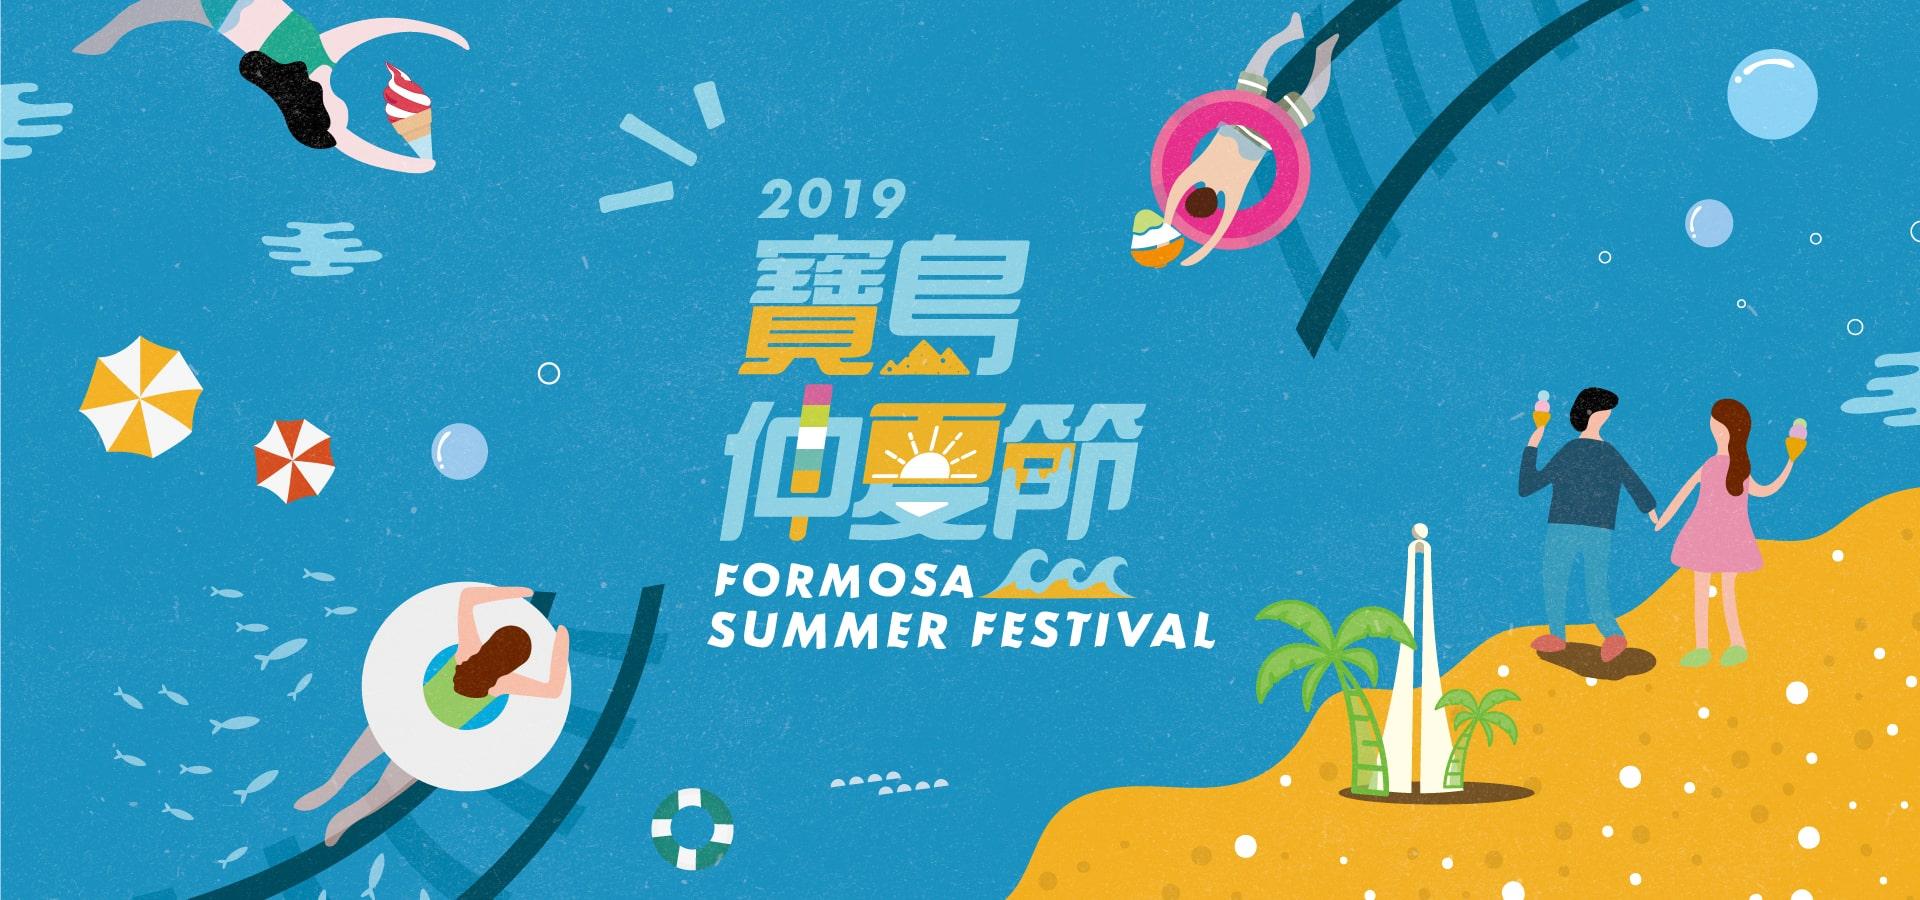 2019フォルモサ仲夏フェスティバル